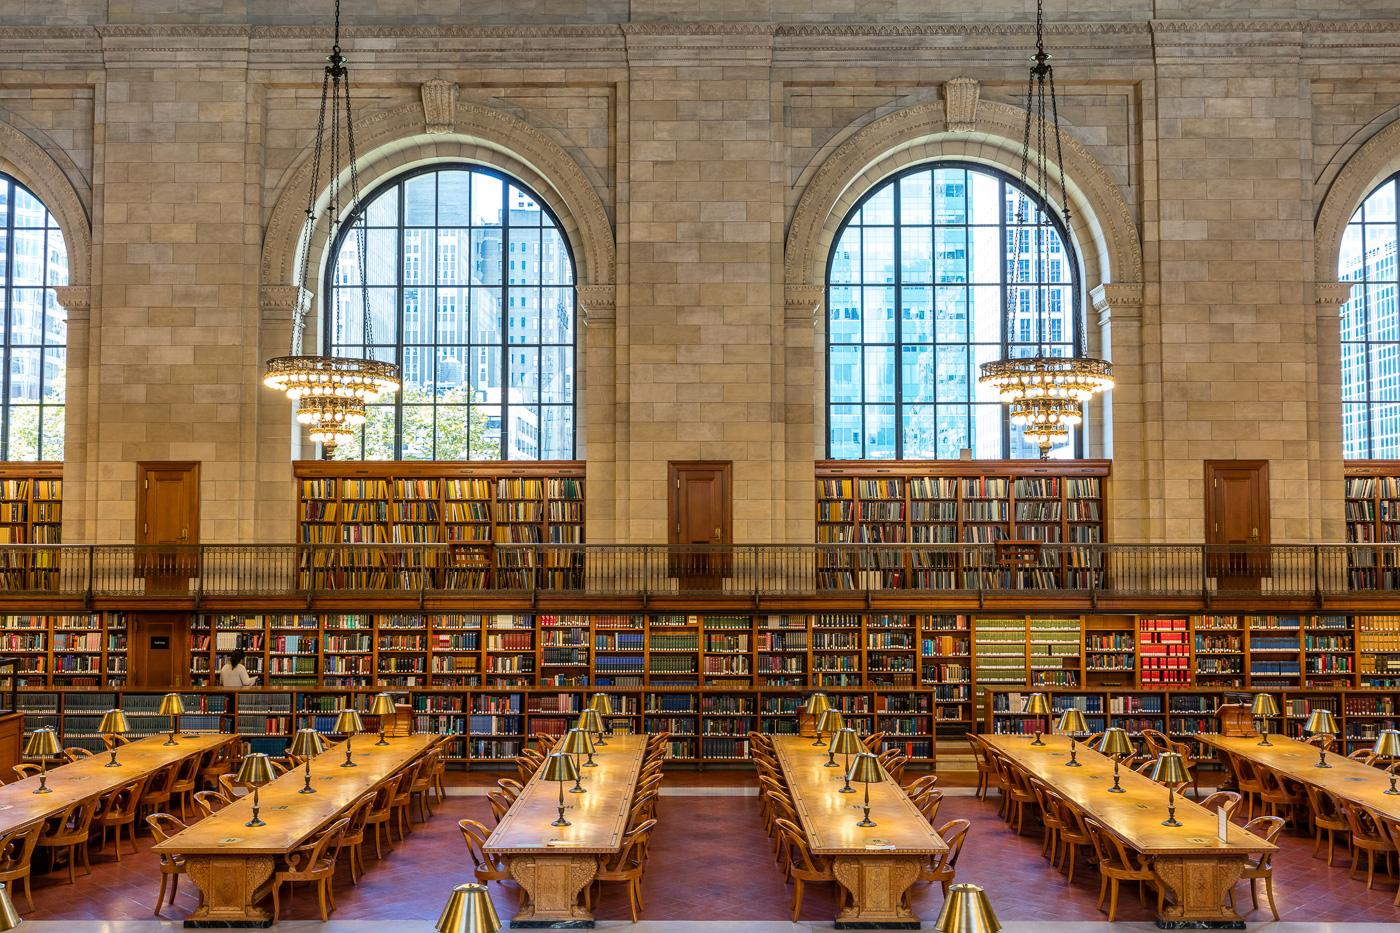 Larges fenêtres, bibliothèques, lustres et tables de travail de la New York Public Libary